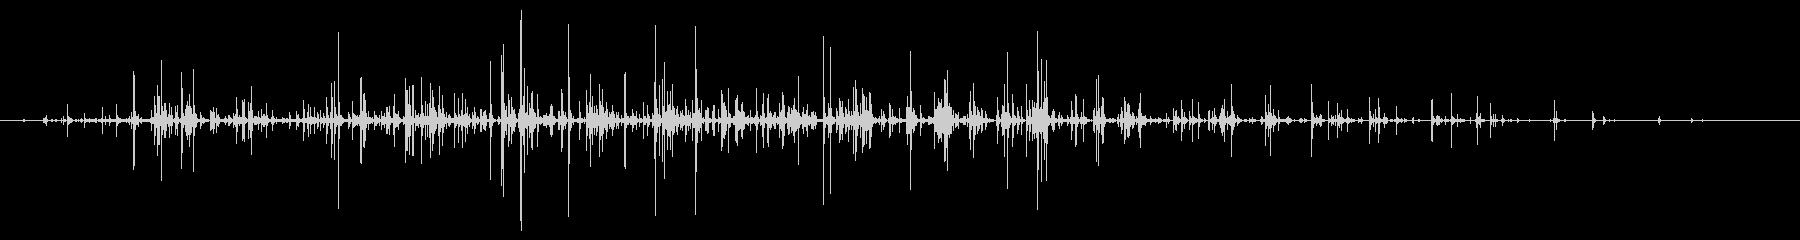 カラカラ(チャフチャスを振る音)の未再生の波形